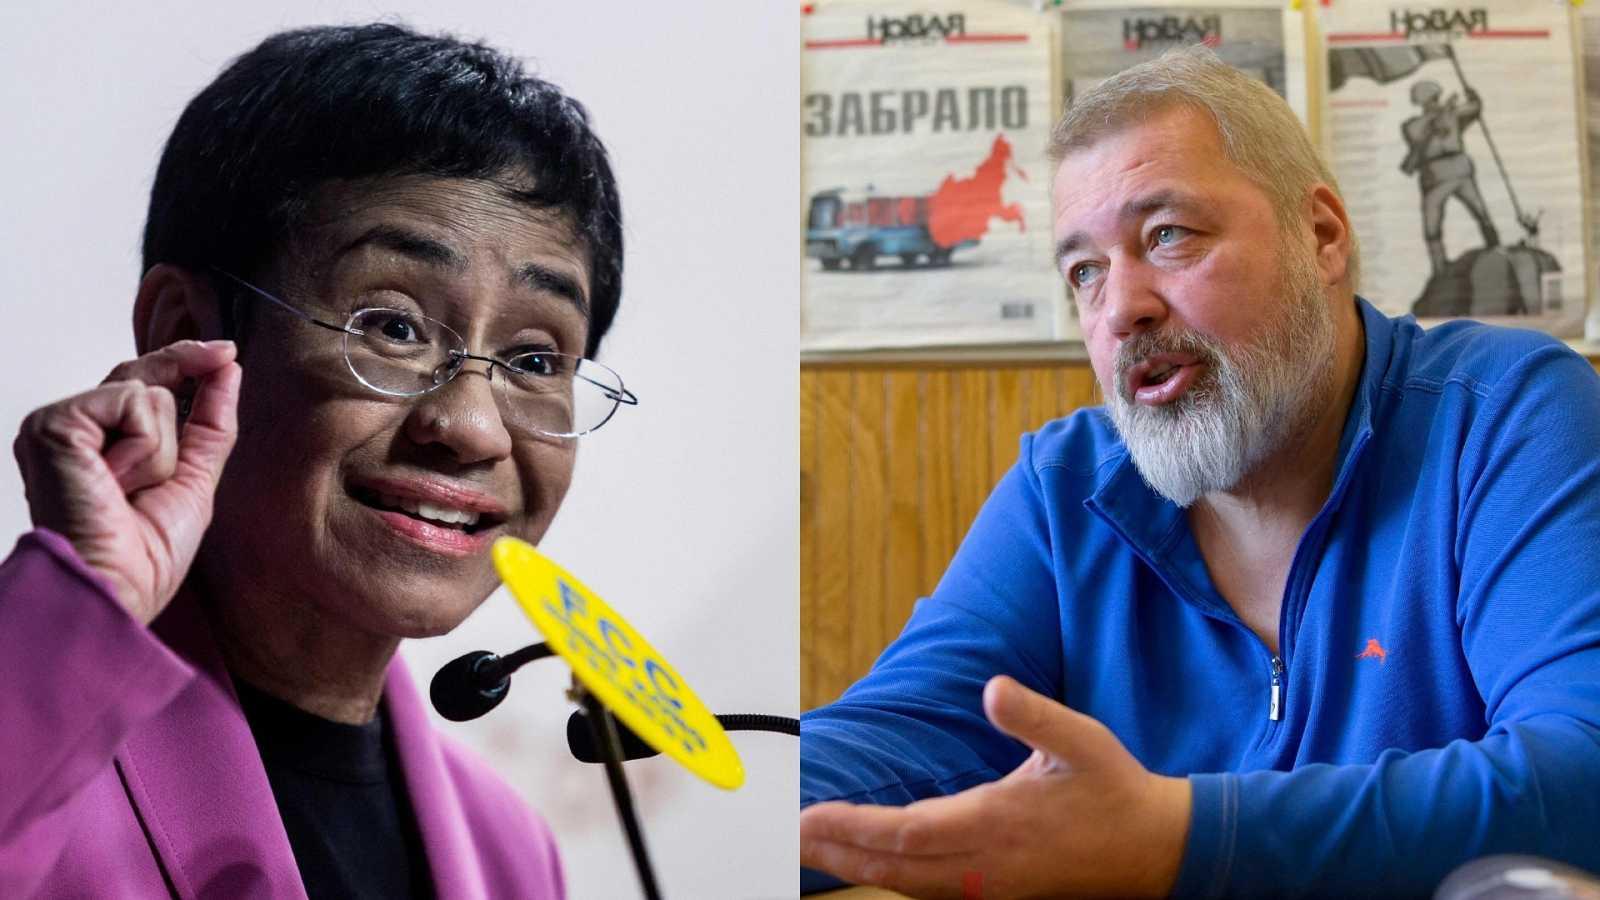 Los periodistas Maria Ressa y Dmitry Muratov, galardonados con el Premio Nobel de la Paz 2021.